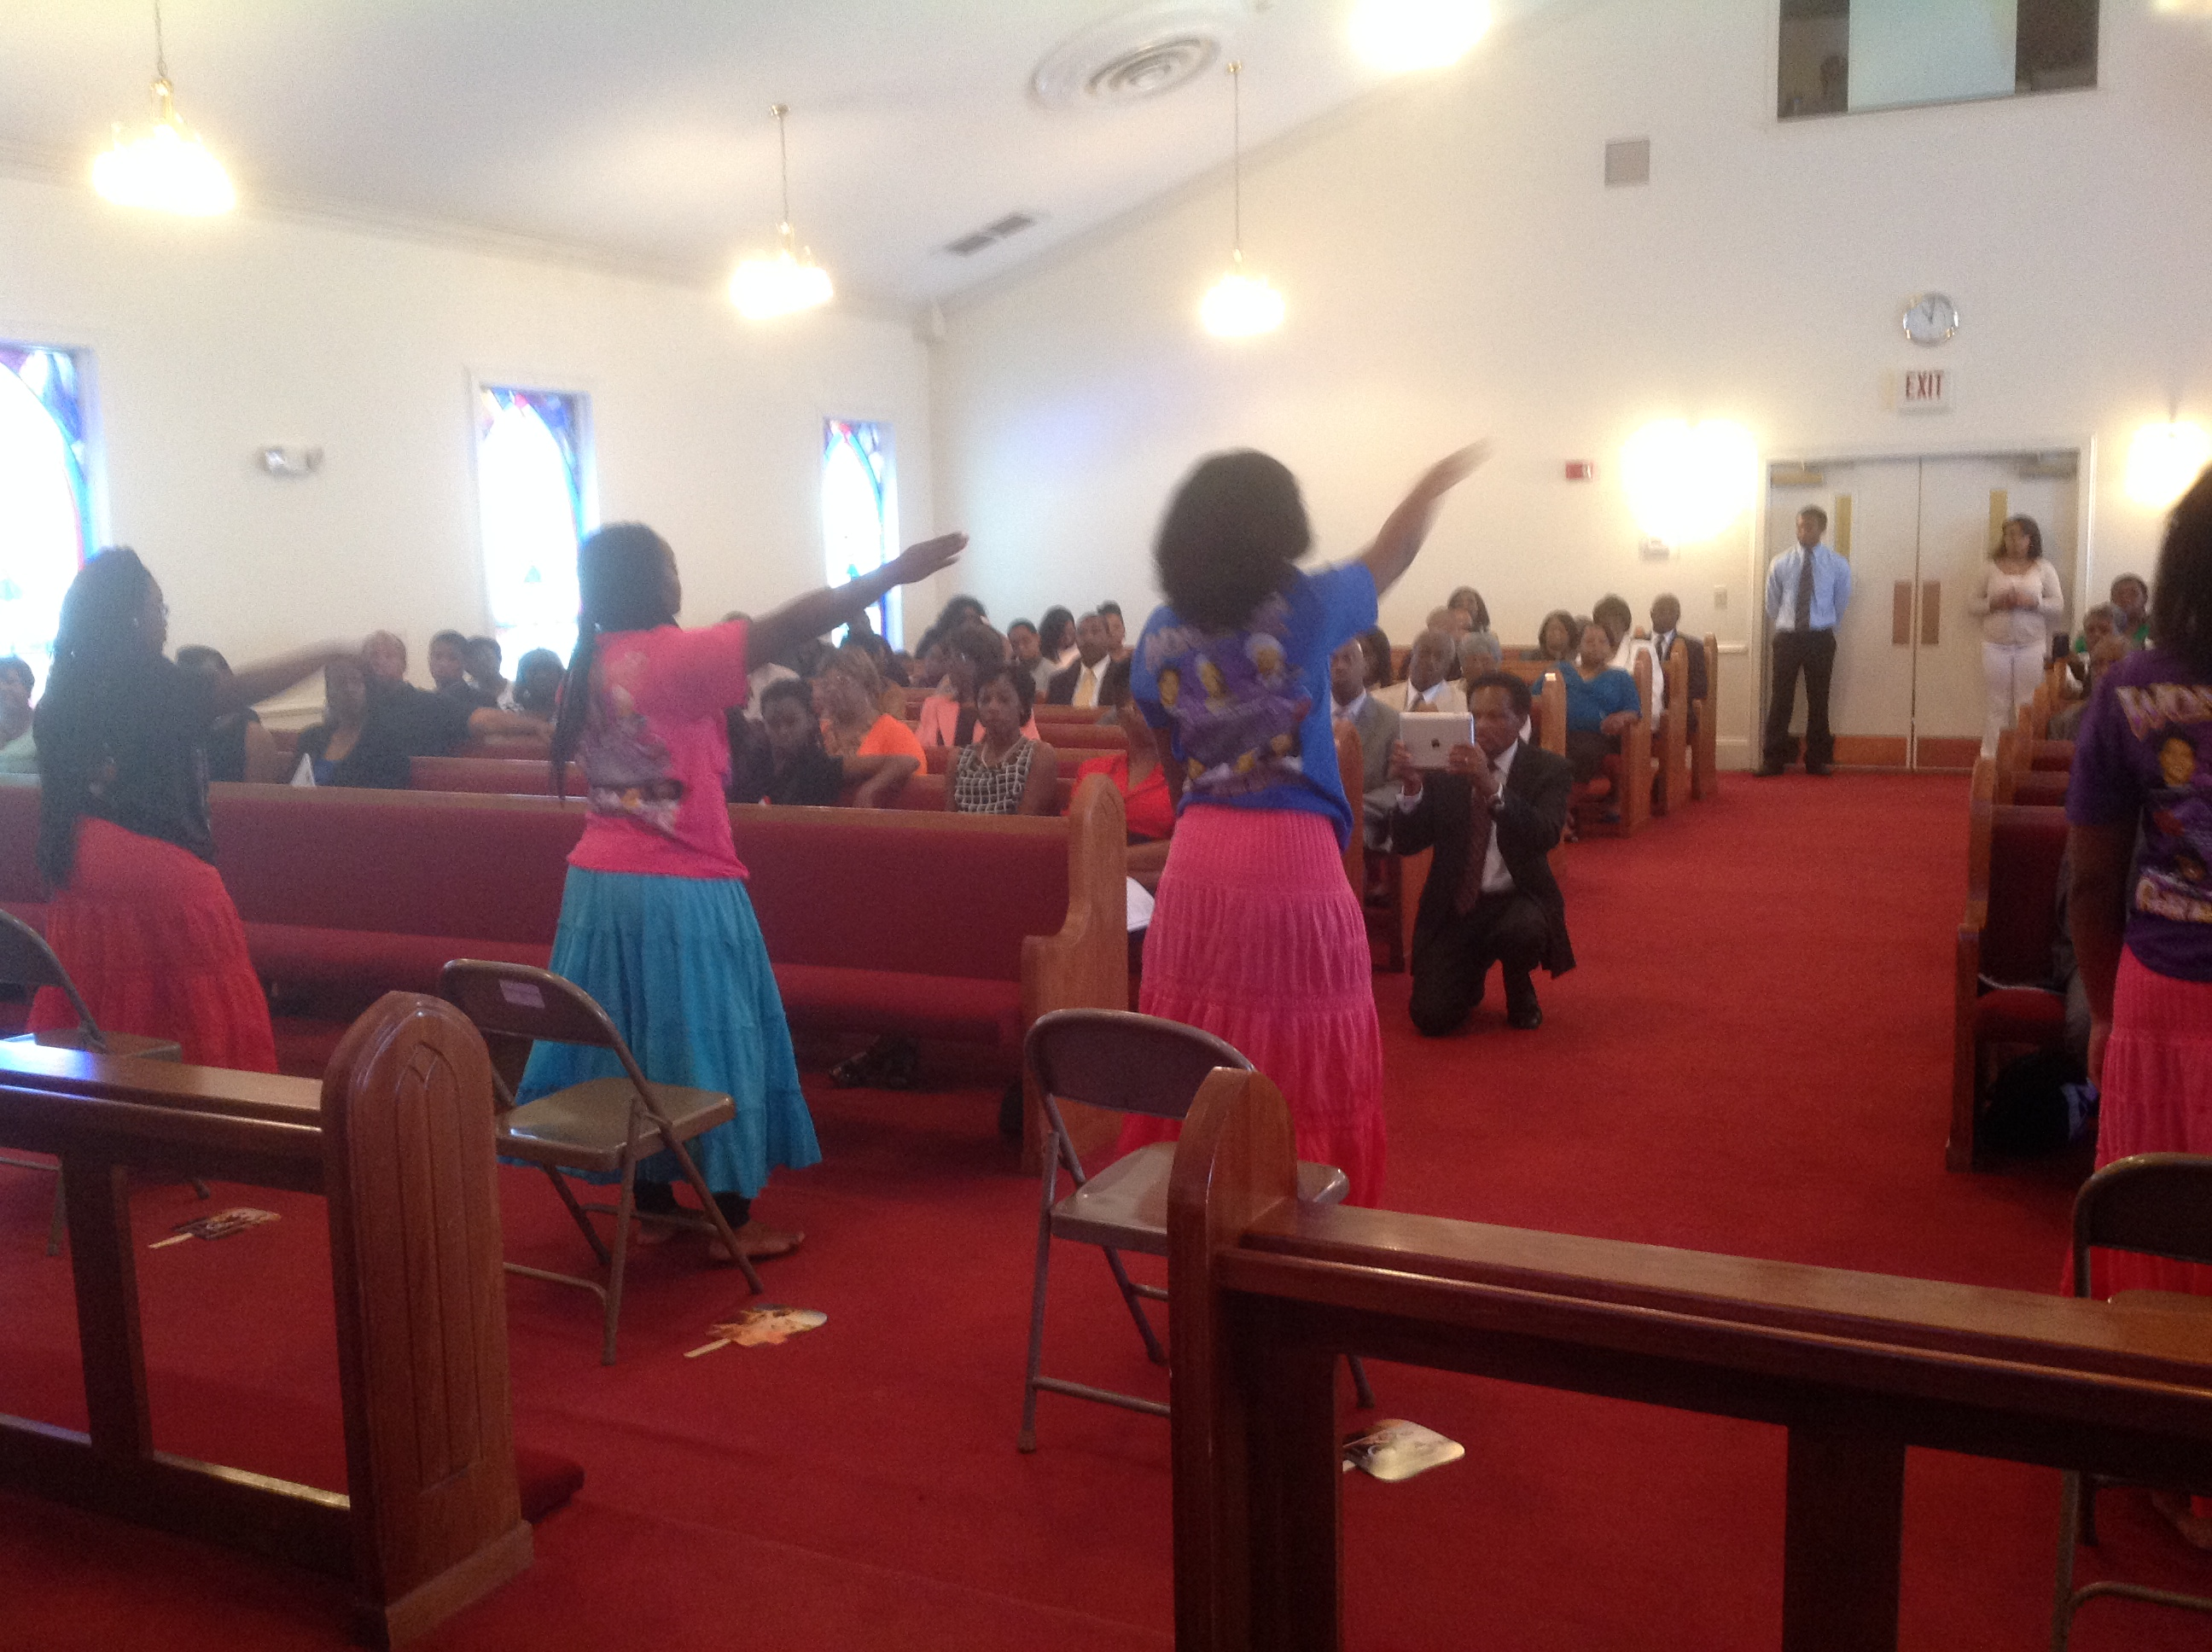 Worship Speedwell 9:21